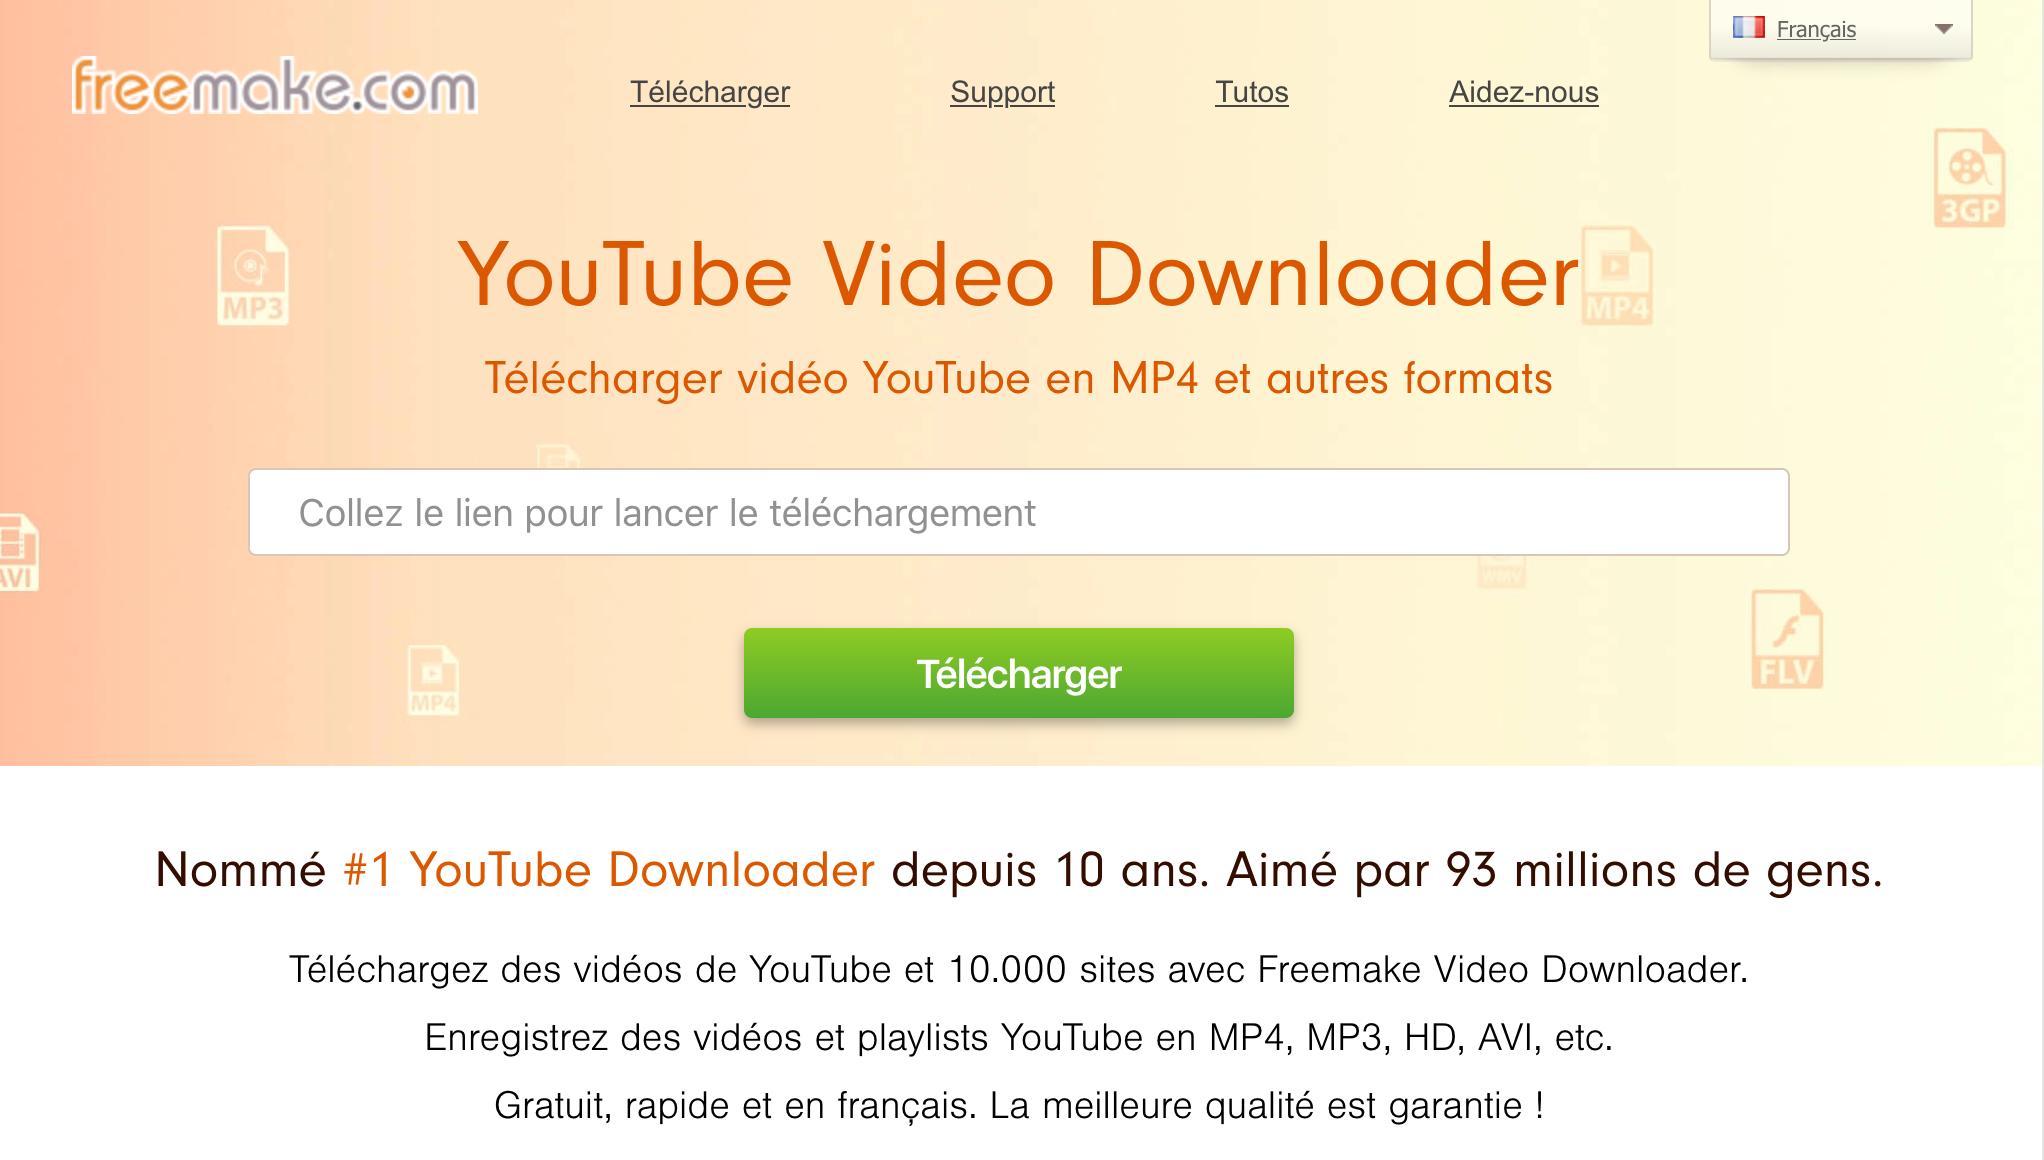 Freemake.com - téléchargement de vidéos YouTube